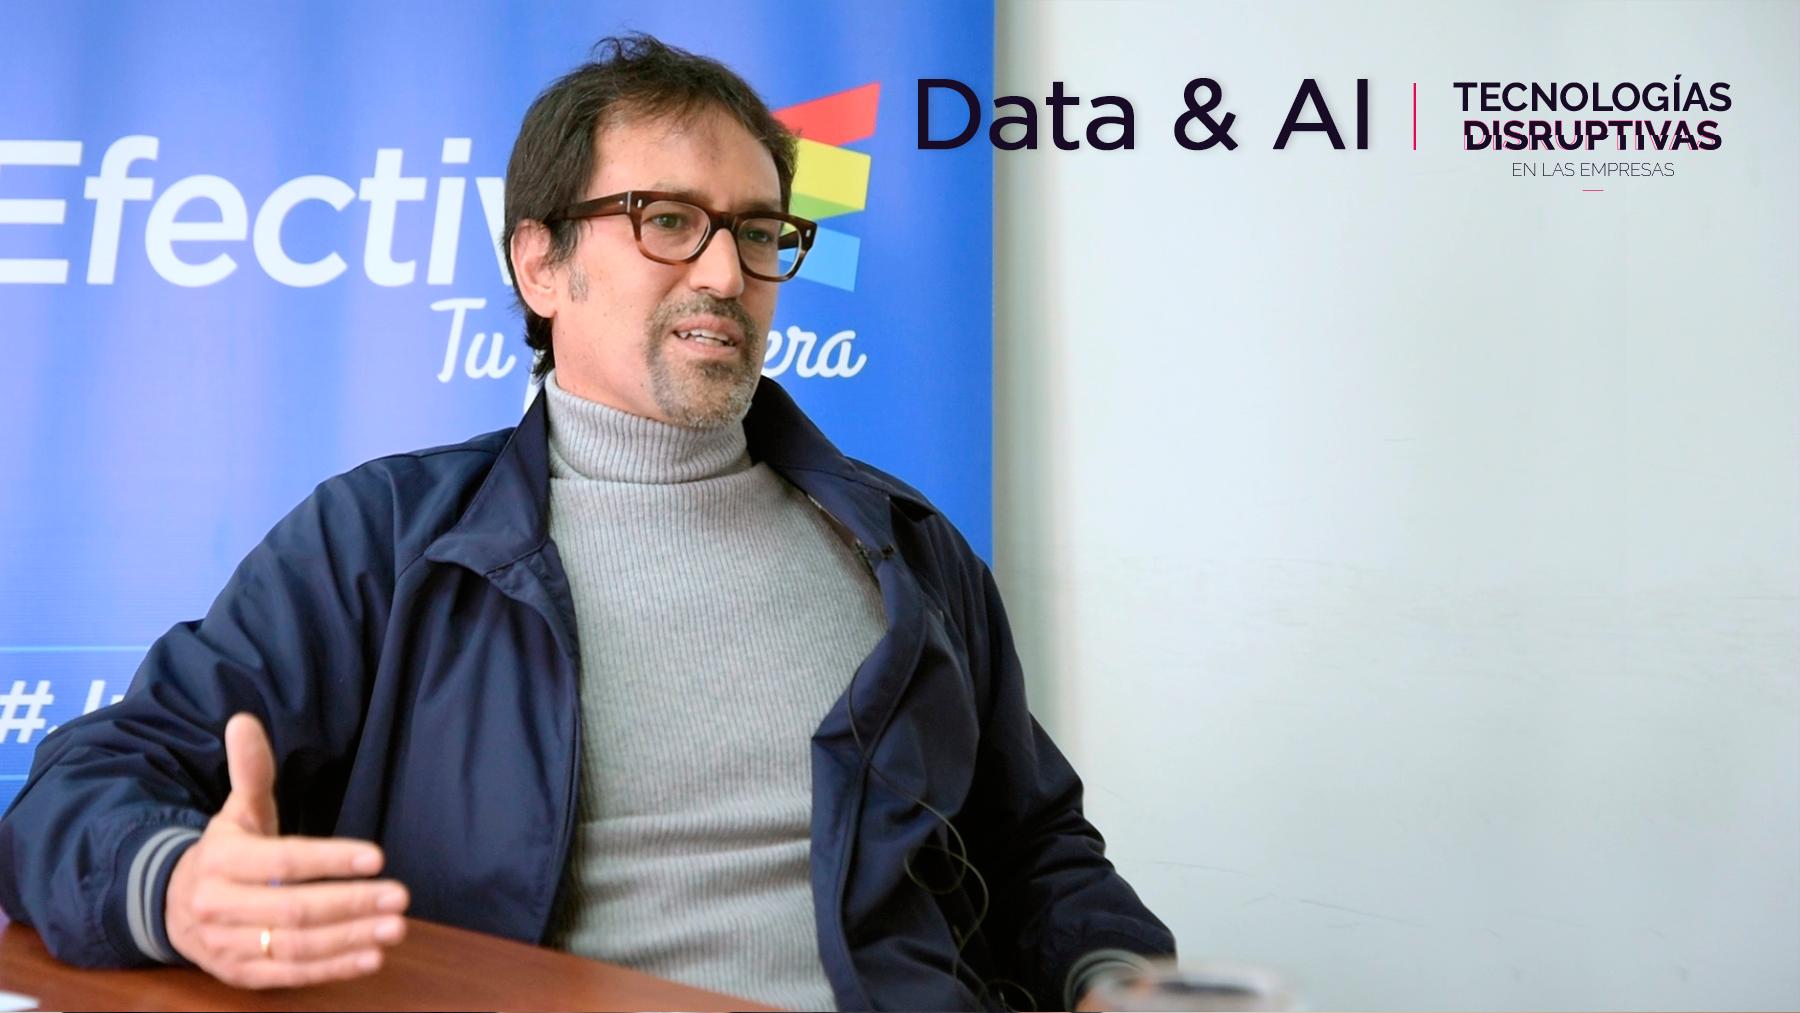 Tecnologías Disruptivas: Data & AI para hacer crecer tu negocio